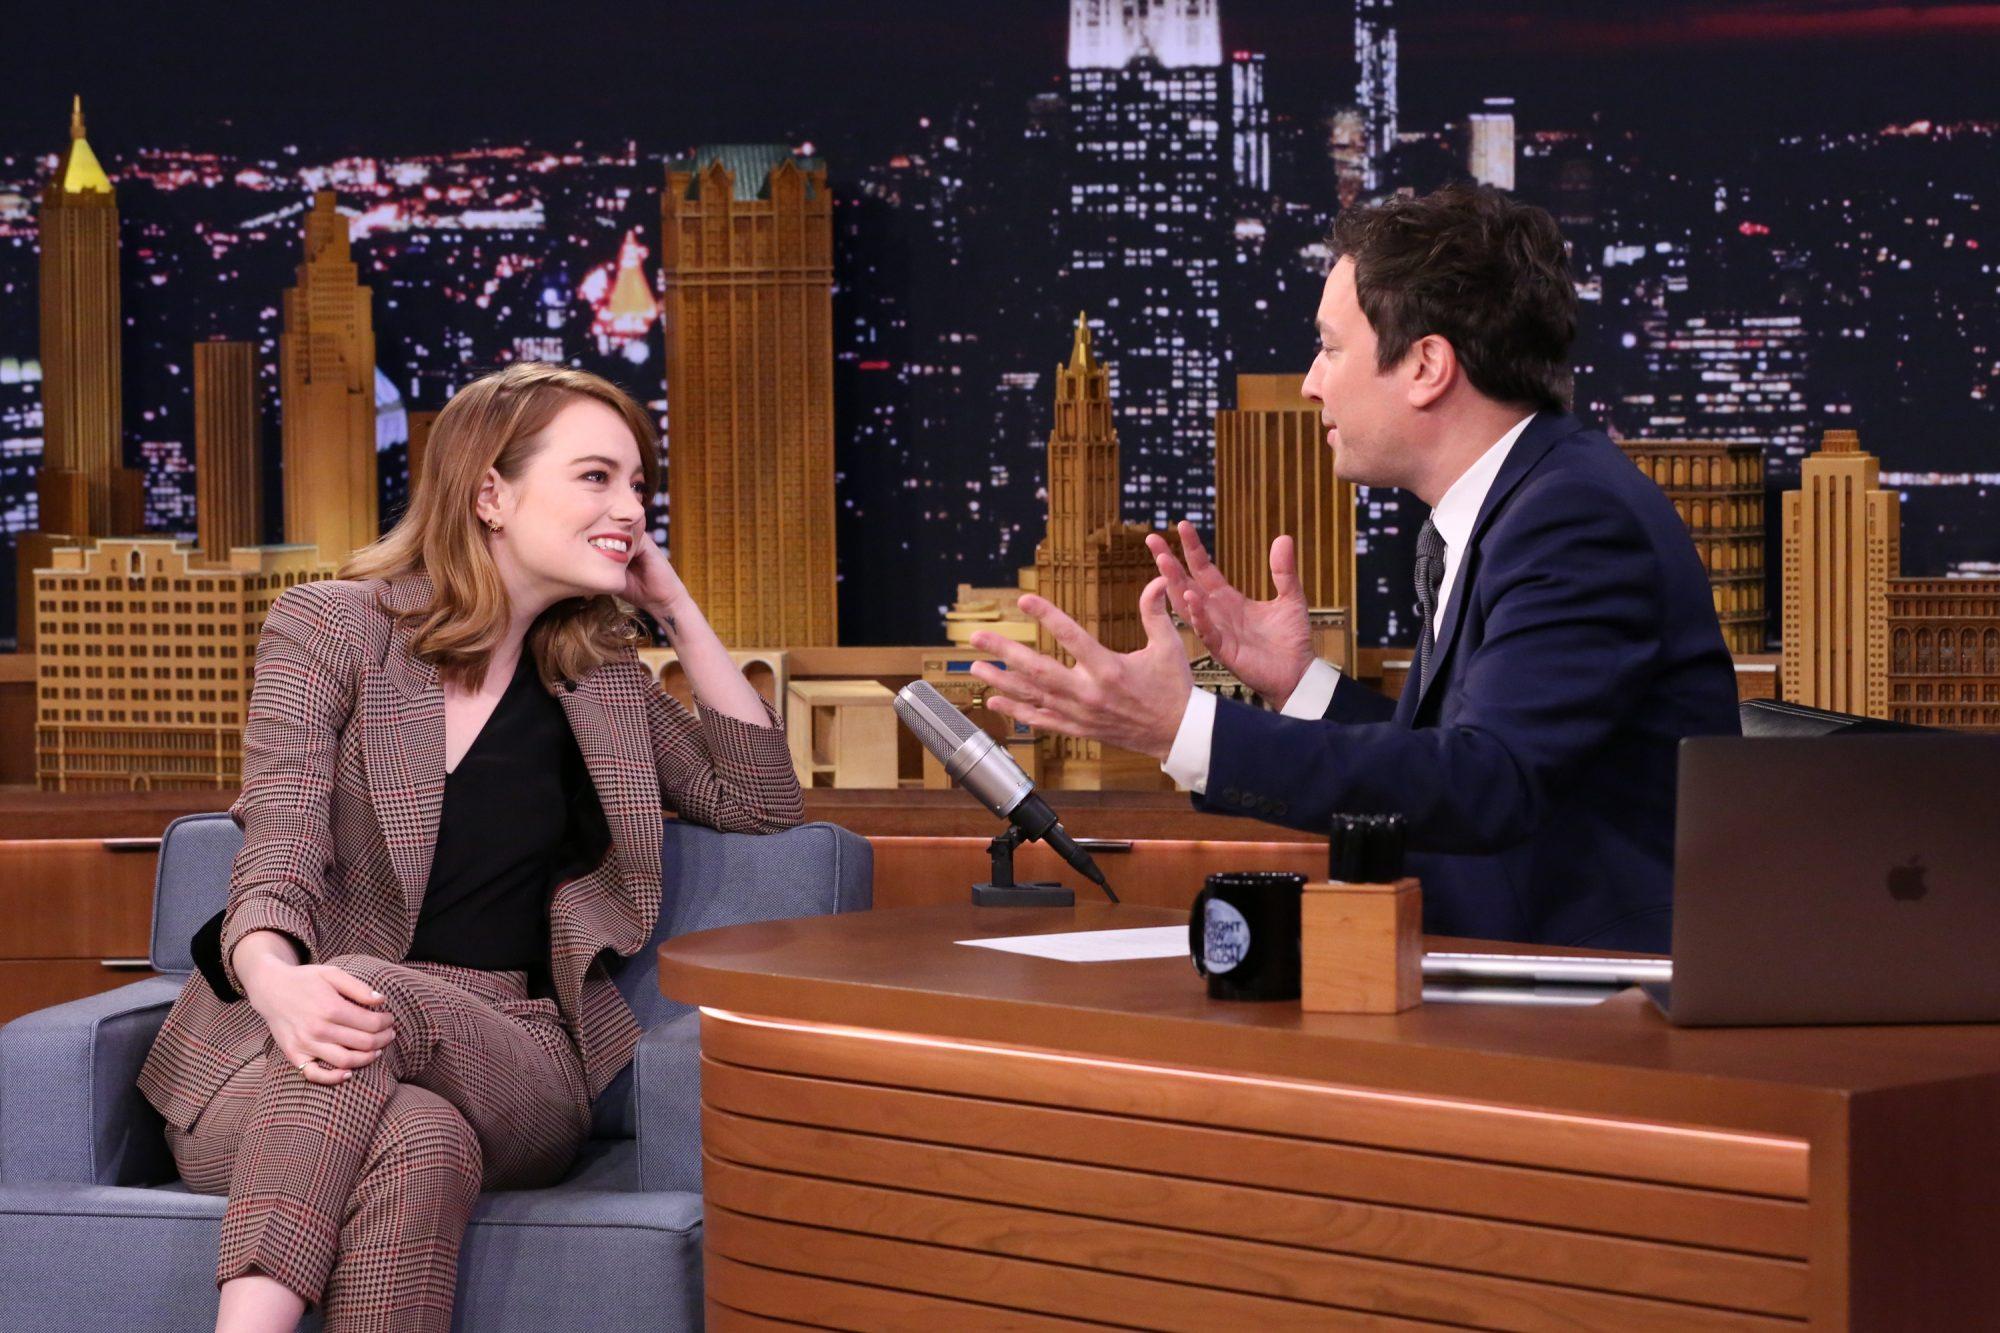 Emma Stone on Fallon